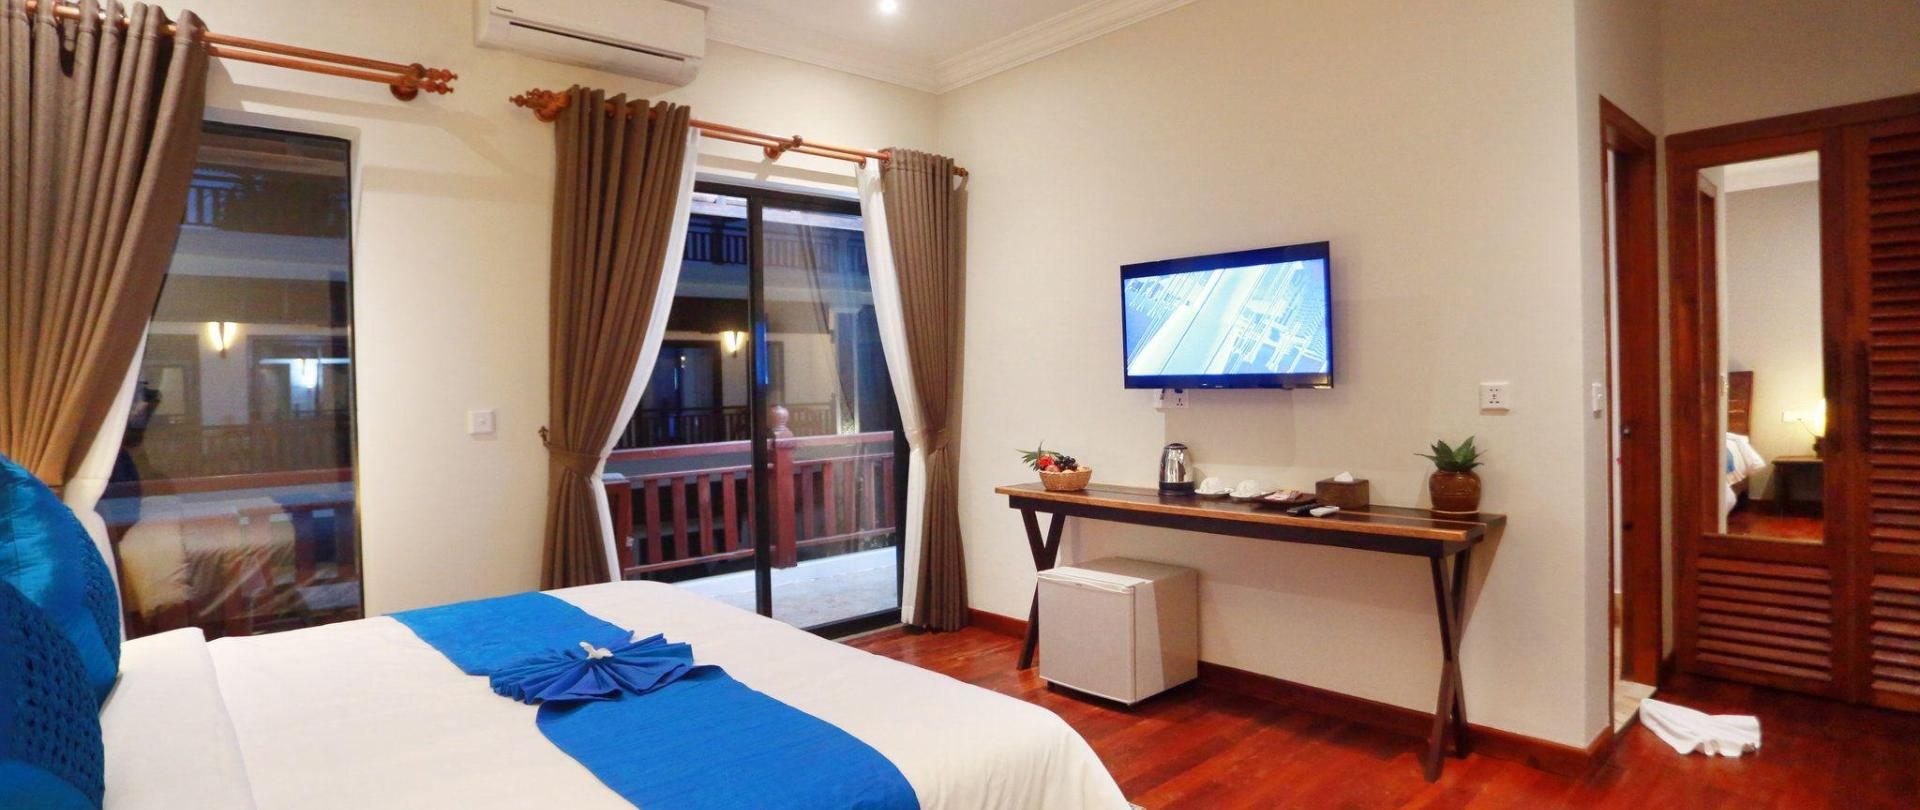 mony-suite-room1.JPG